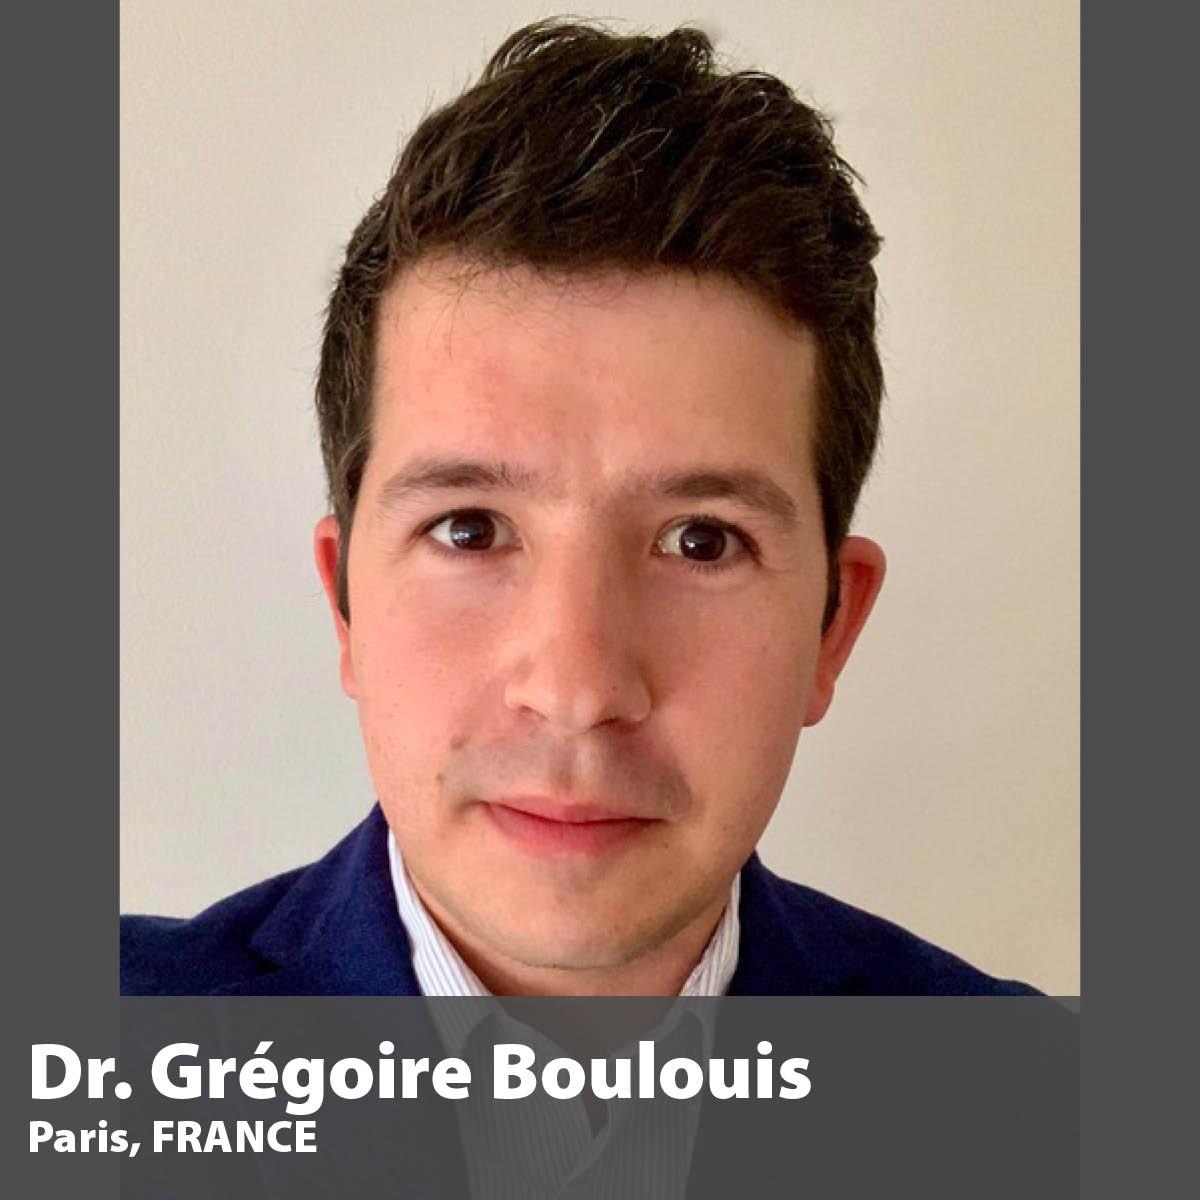 Dr. Gregoire Boulouis